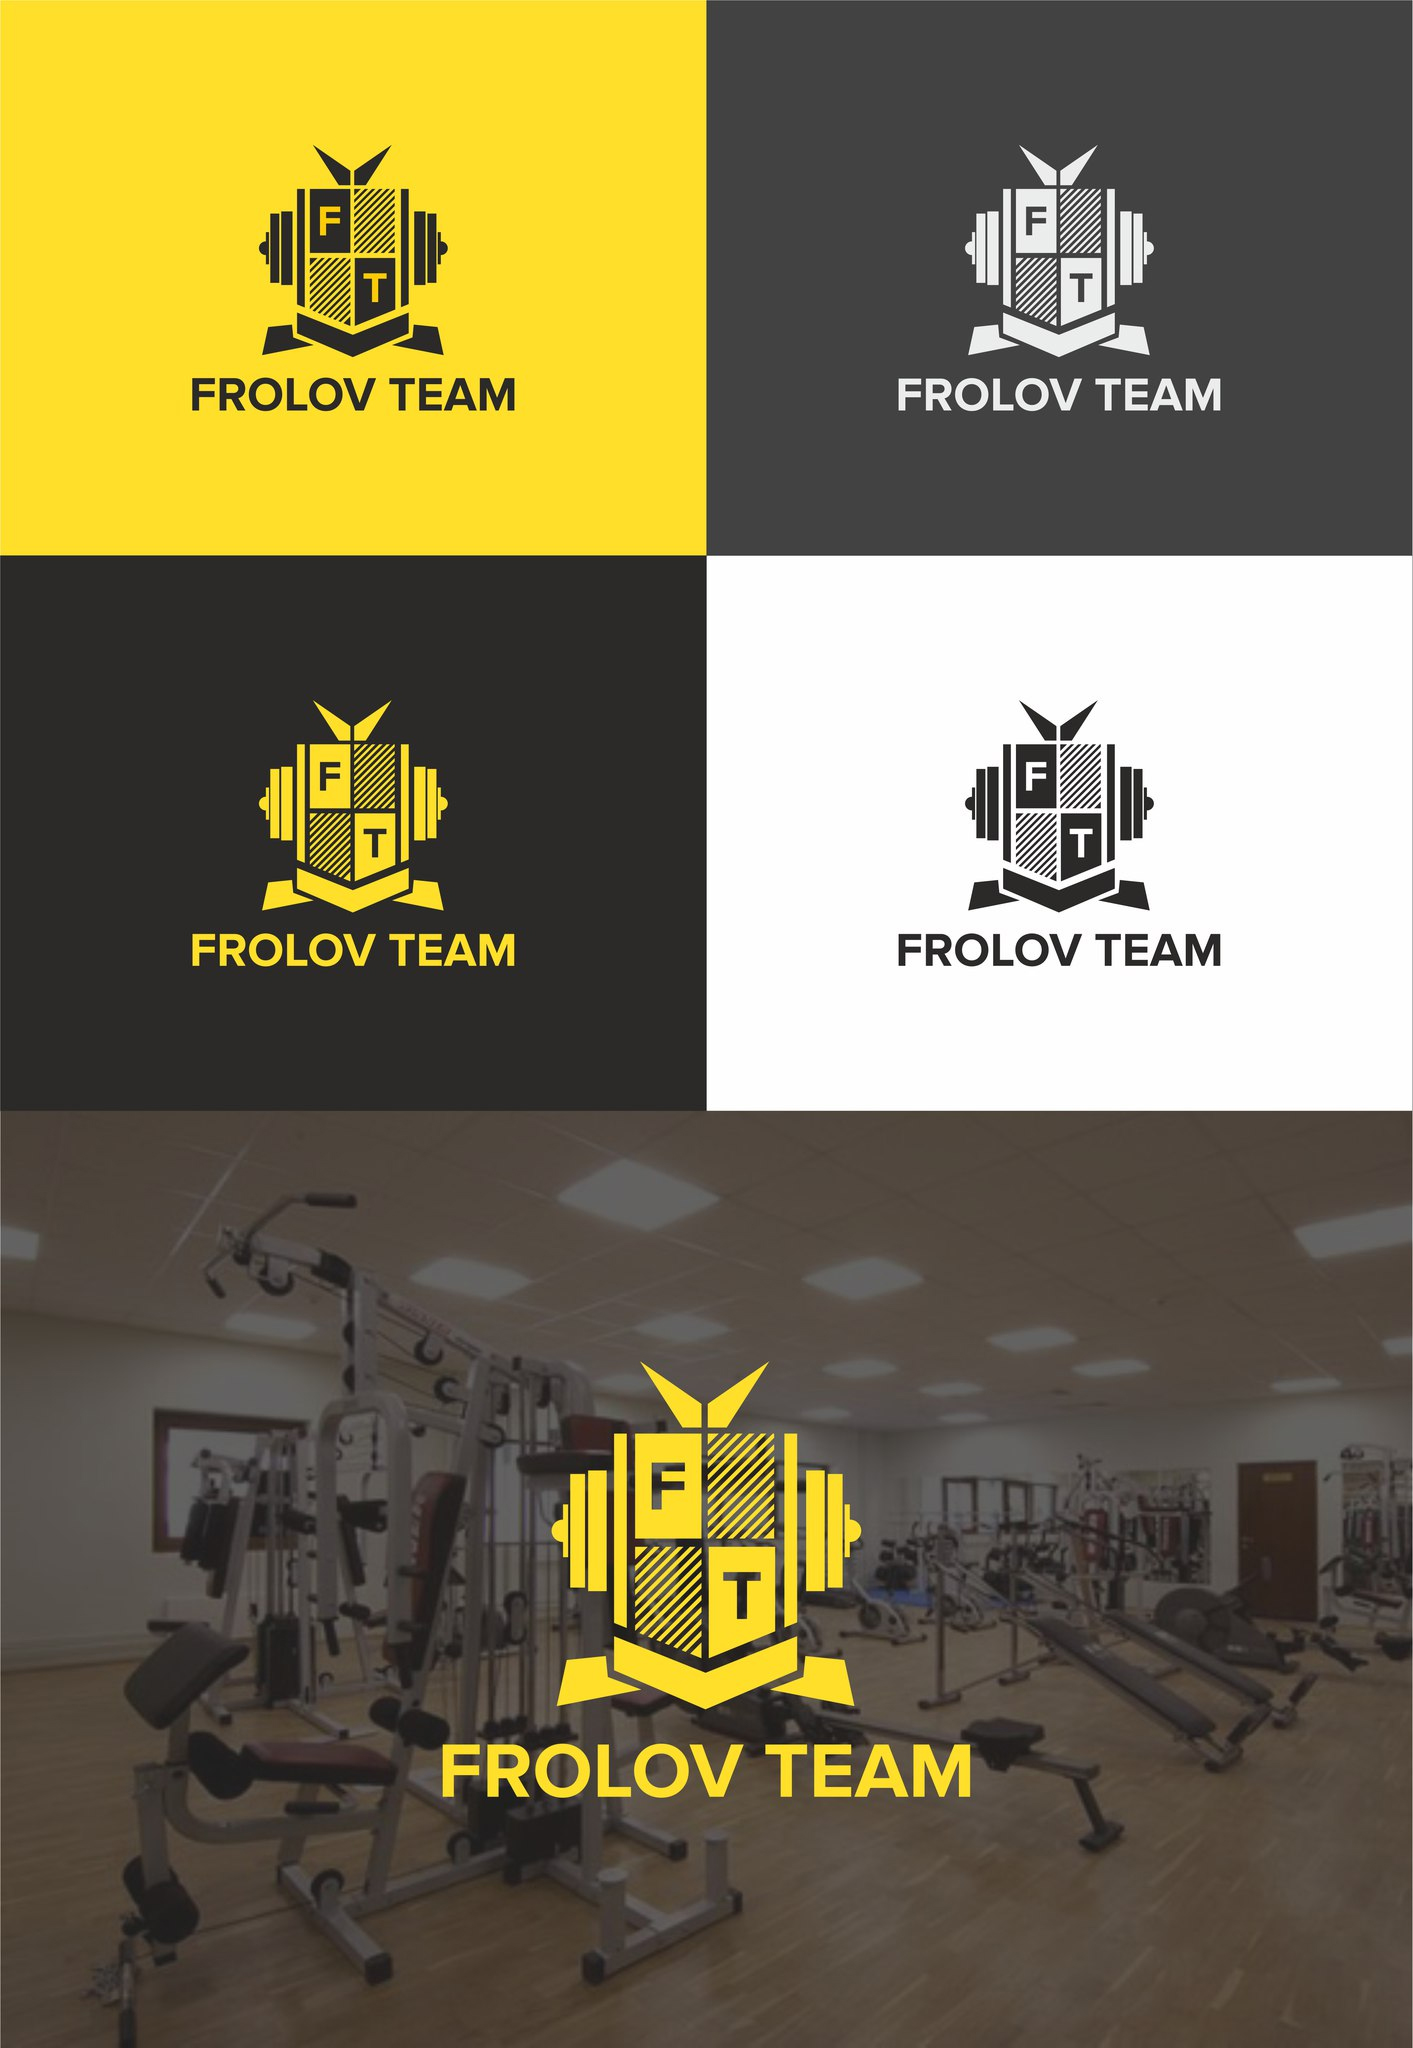 Логотип и фирменный стиль FROLOV TEAM